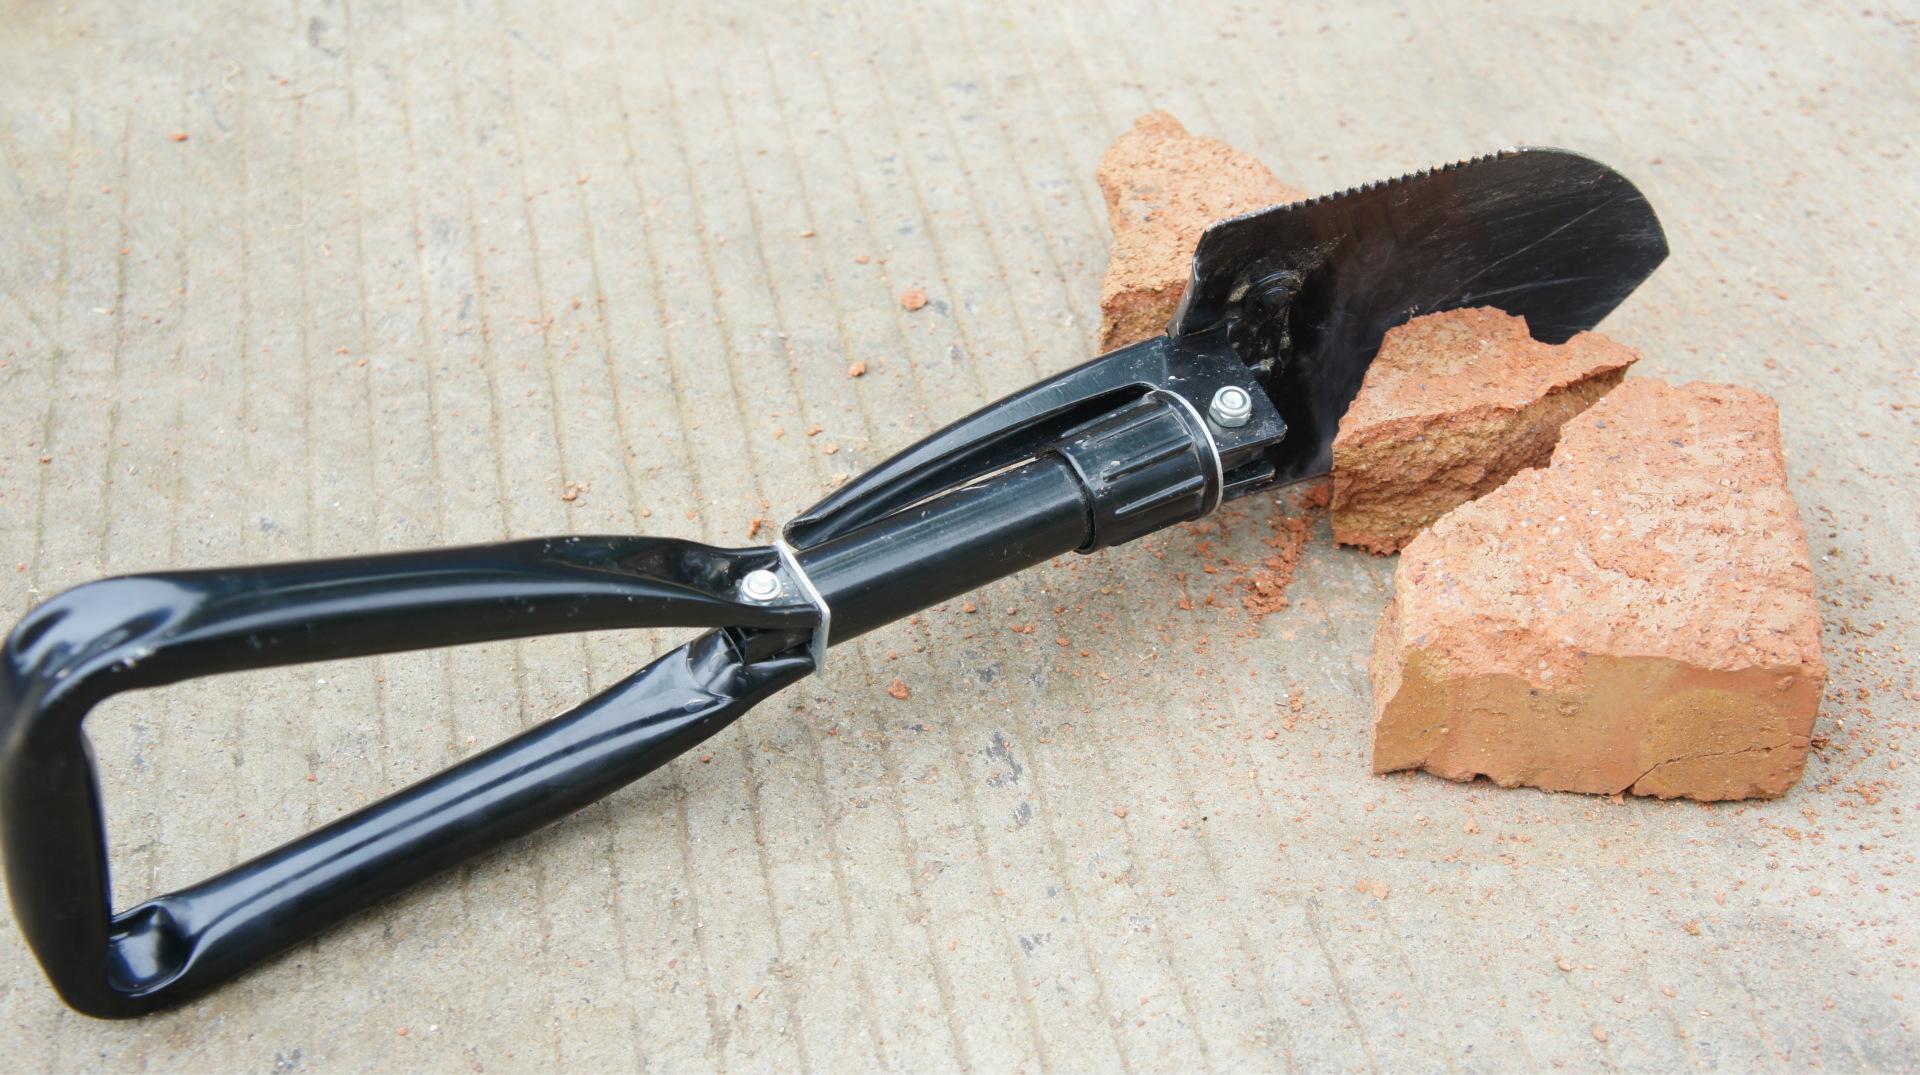 4в1 Складная лопата + топор пила мотыга. Многоцелевой Кемпинг Военная лопатка DSC01817